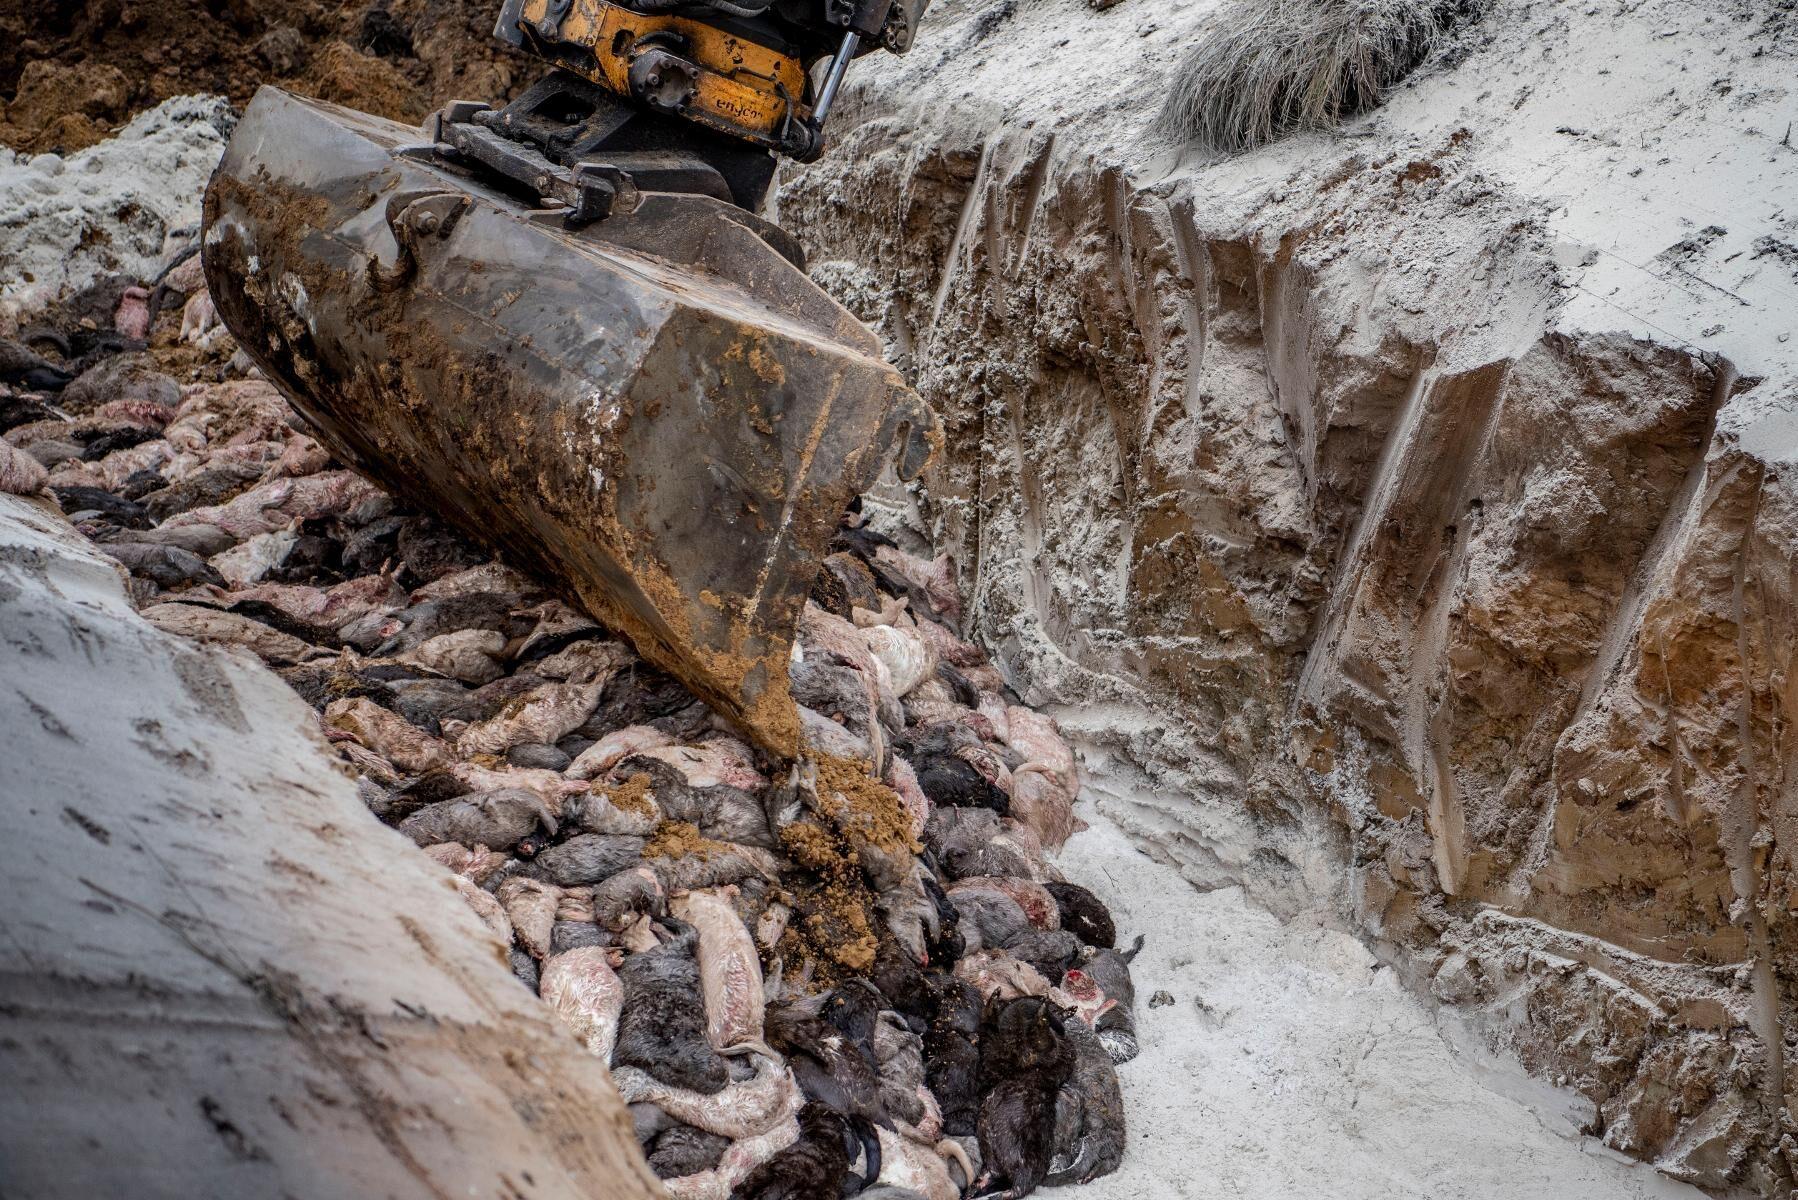 Minkkadaver dumpas i en grav utanför Holstebro på Jylland.